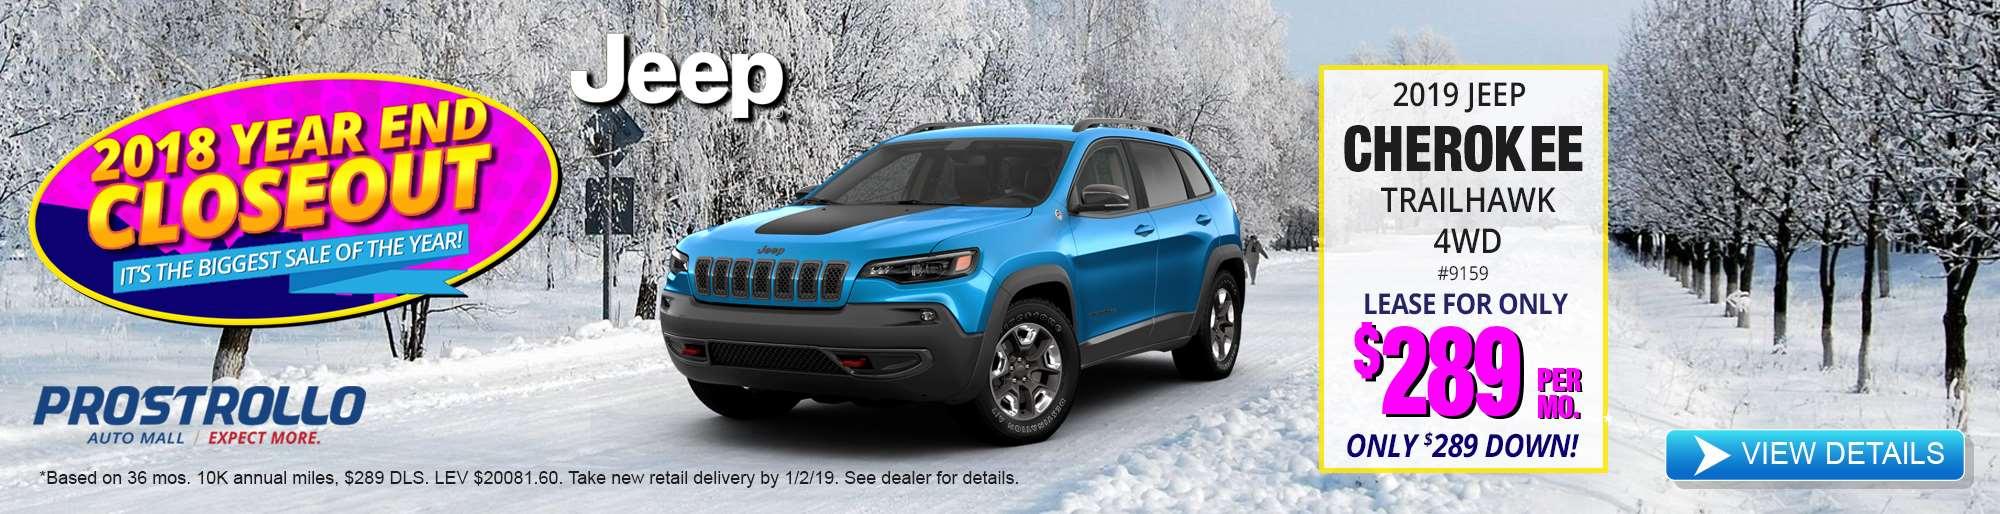 9159 19 Jeep Cherokee